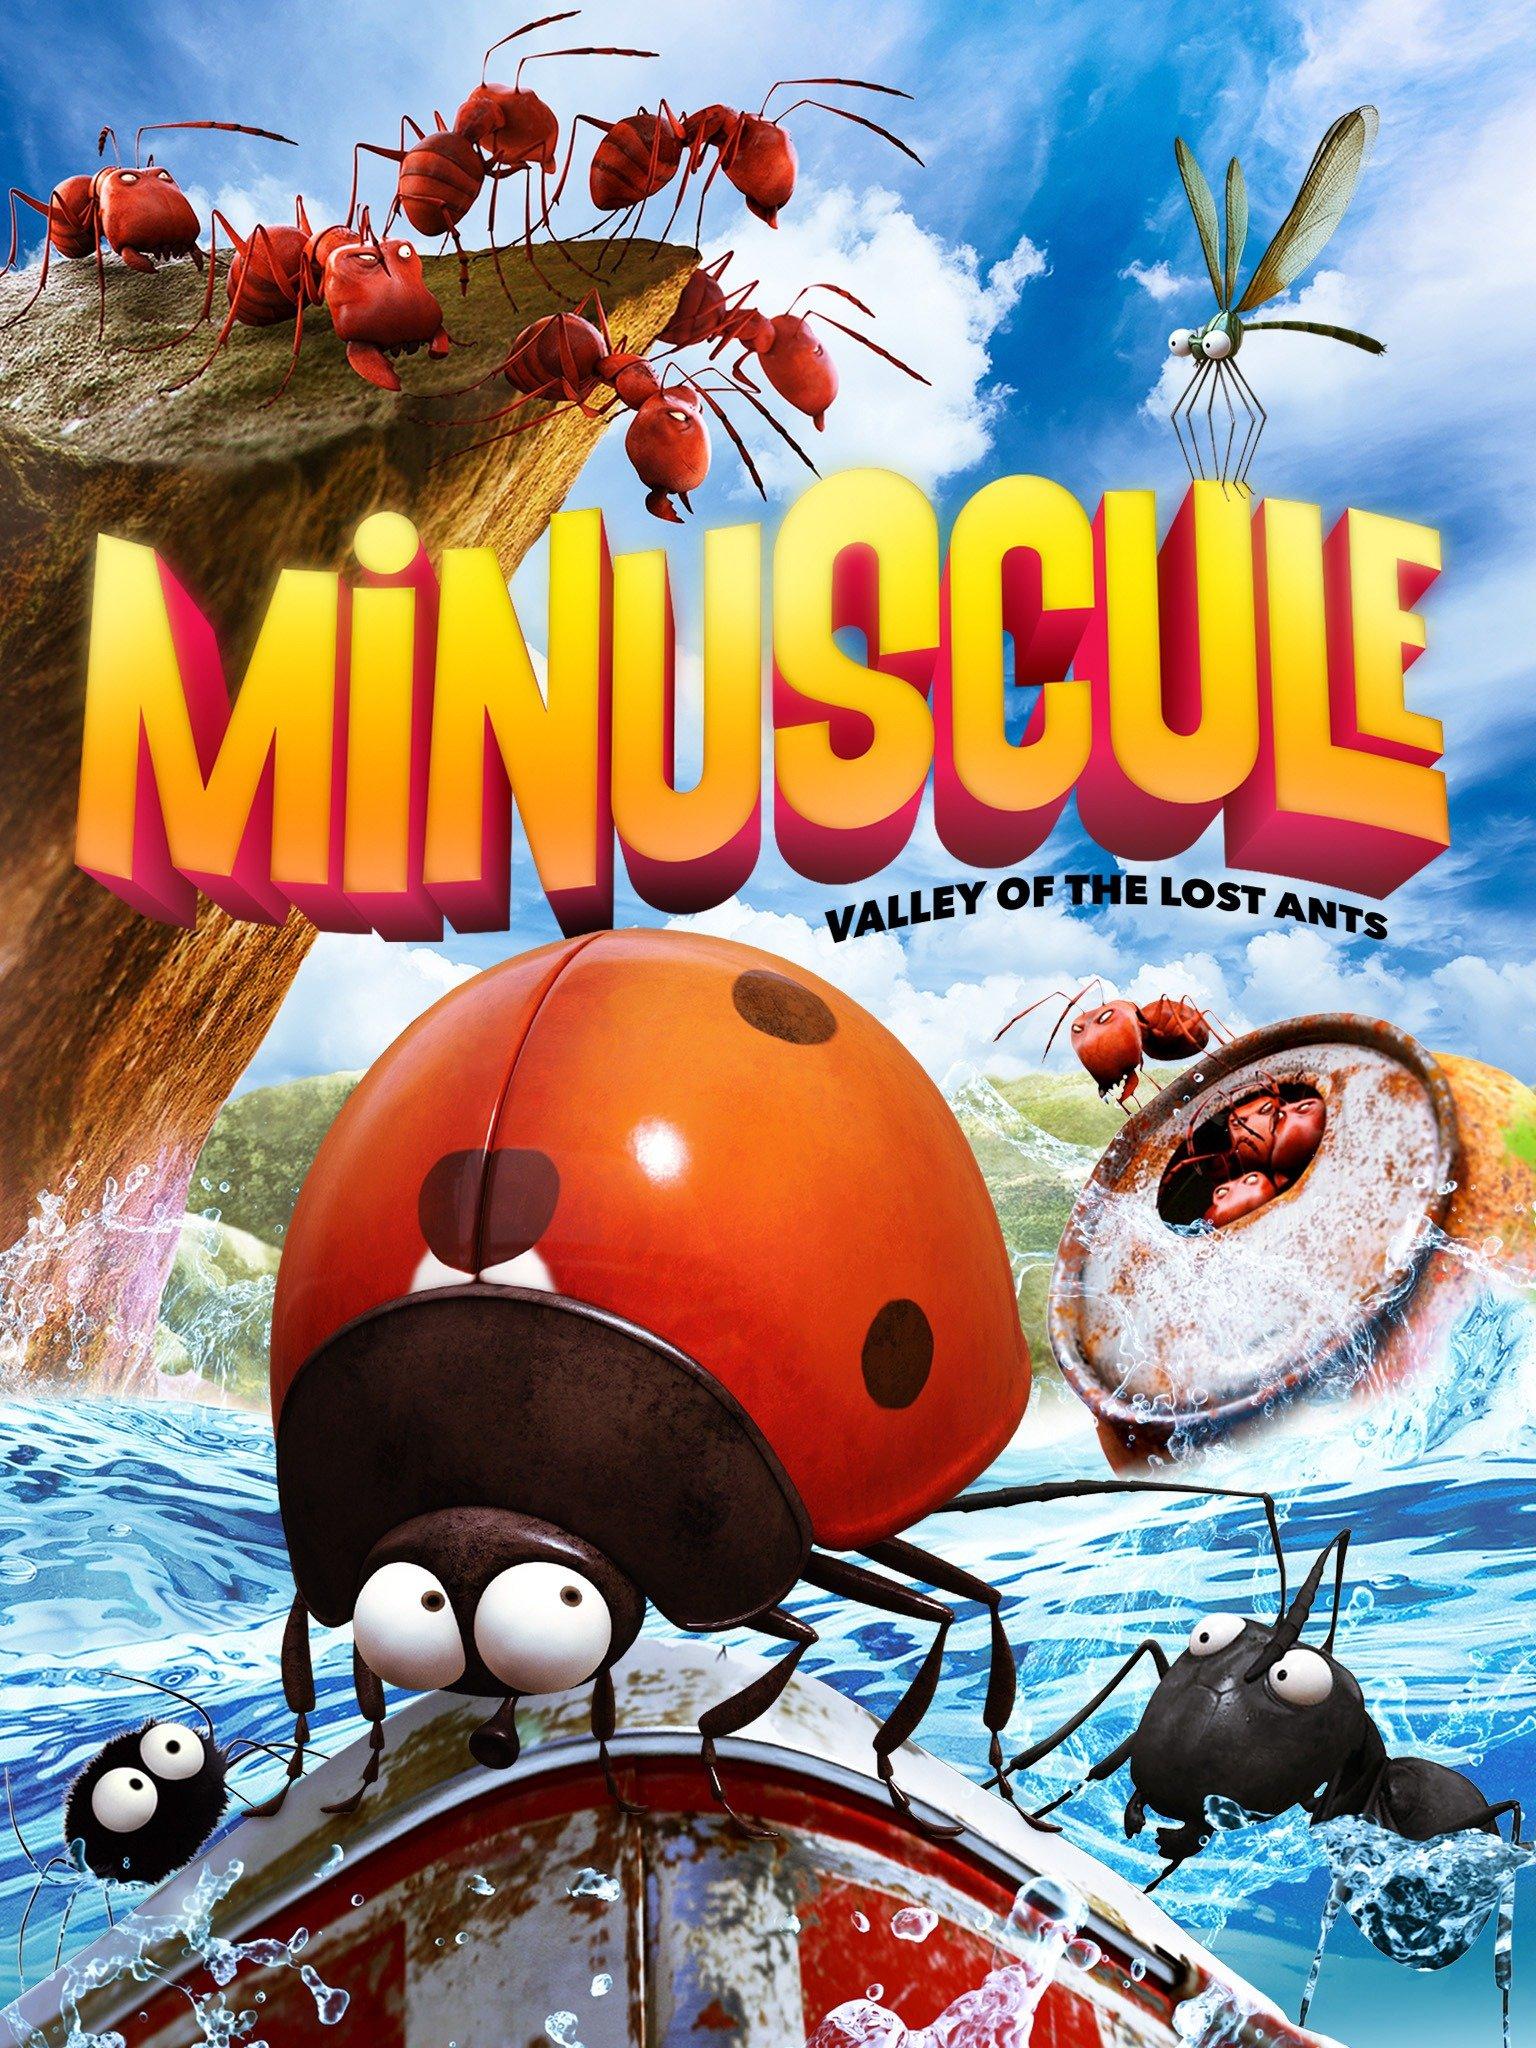 Minuscule La Vallée Des Fourmis Perdues : minuscule, vallée, fourmis, perdues, Minuscule:, Valley, (2013), Rotten, Tomatoes